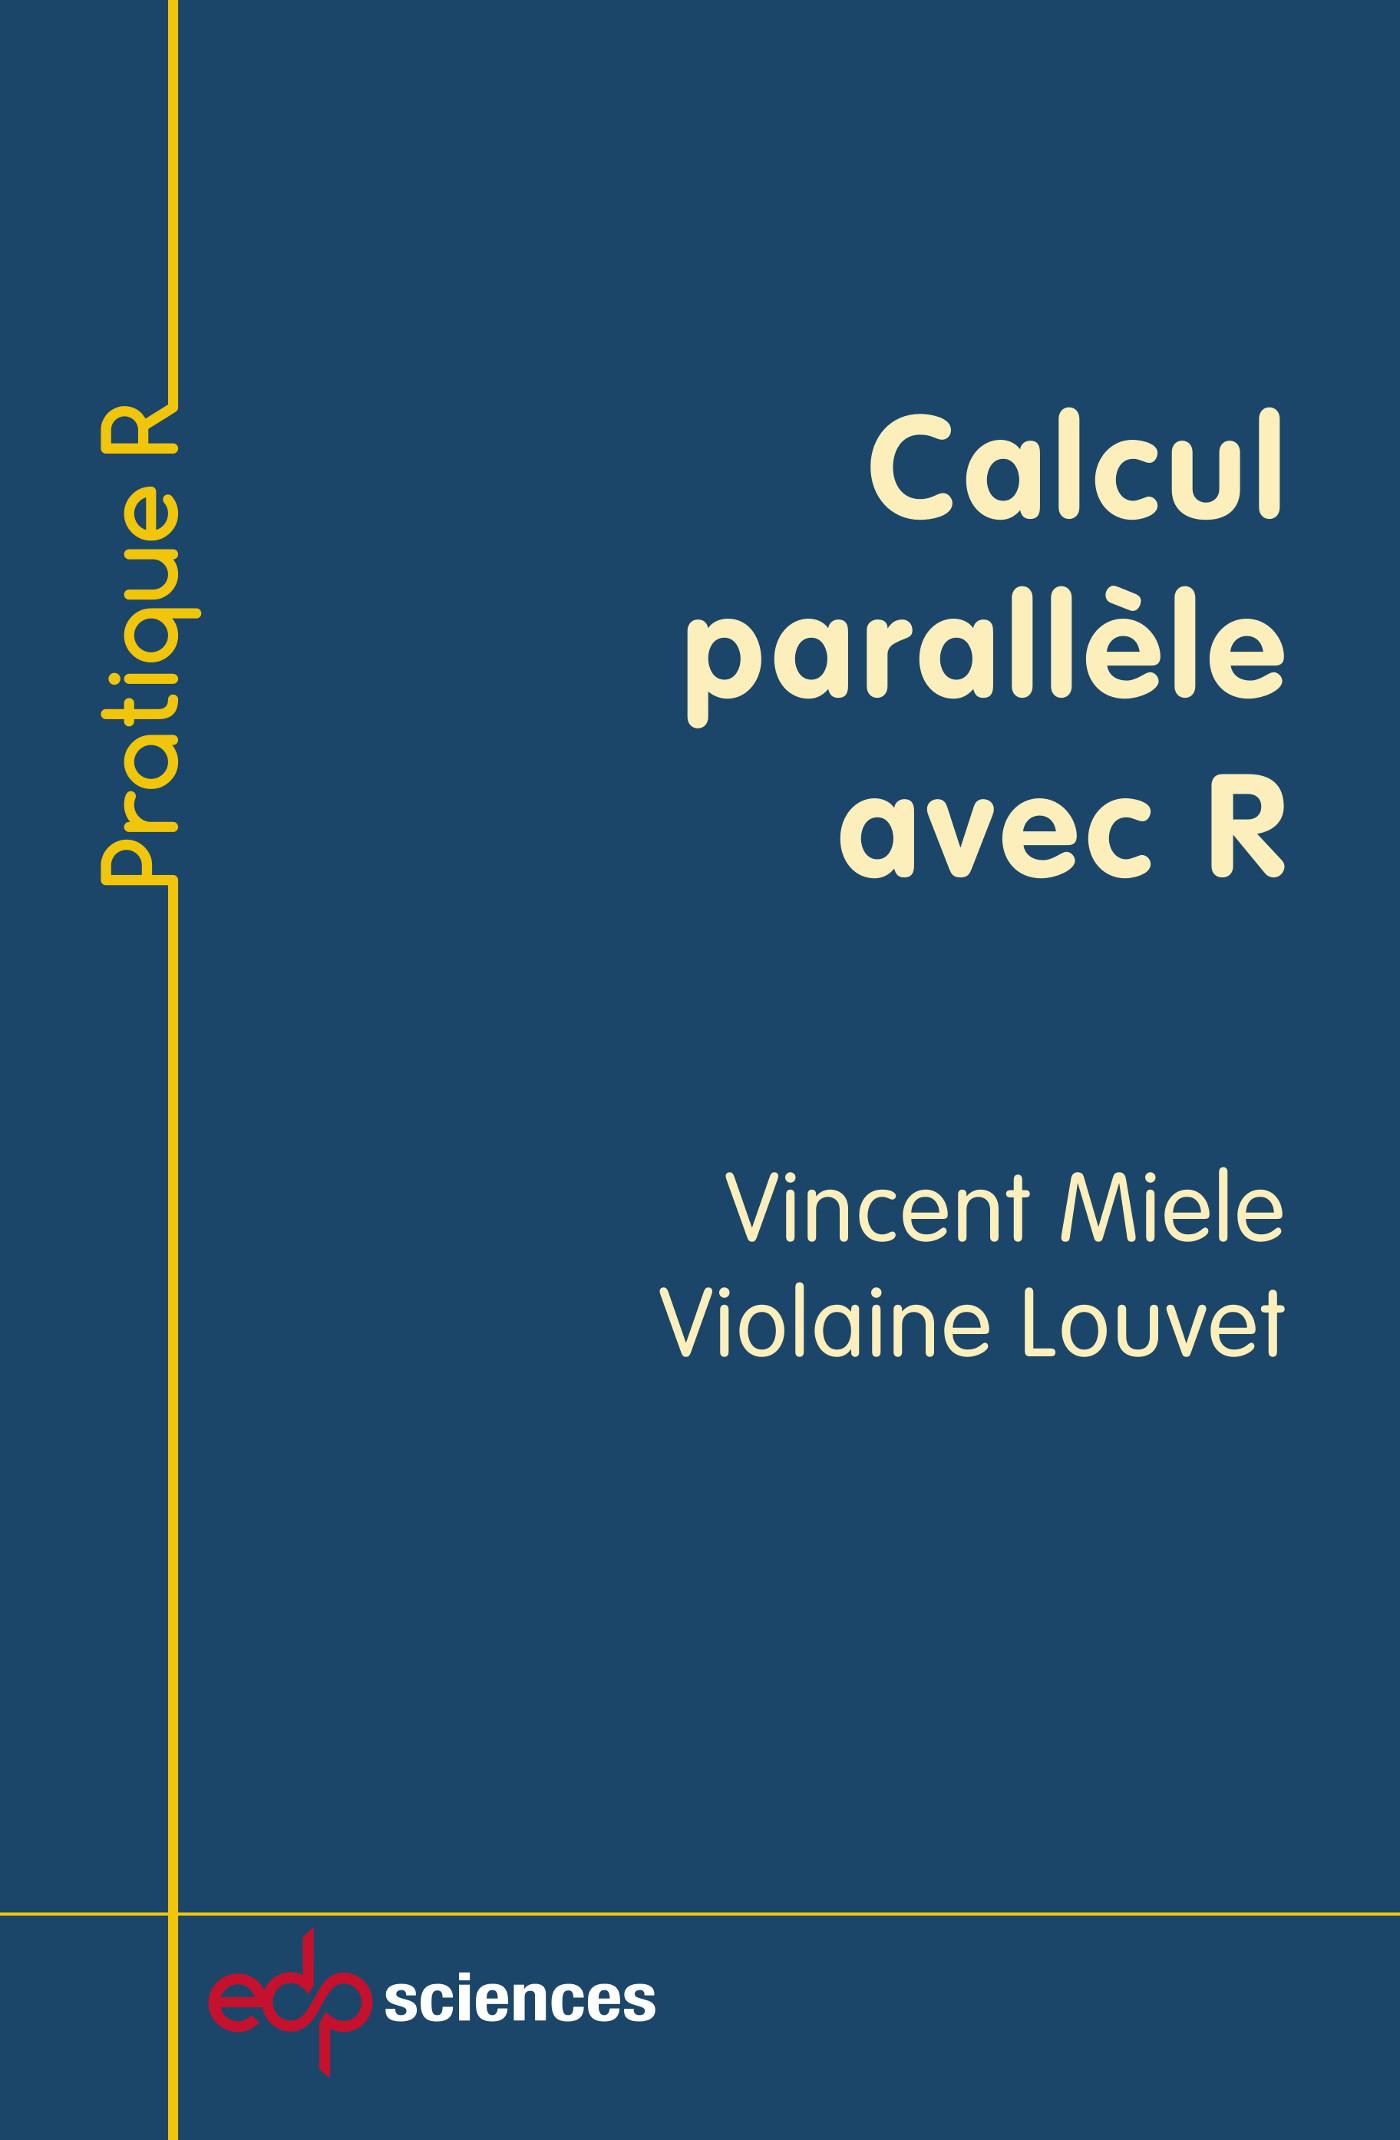 Calcul parallèle avec R